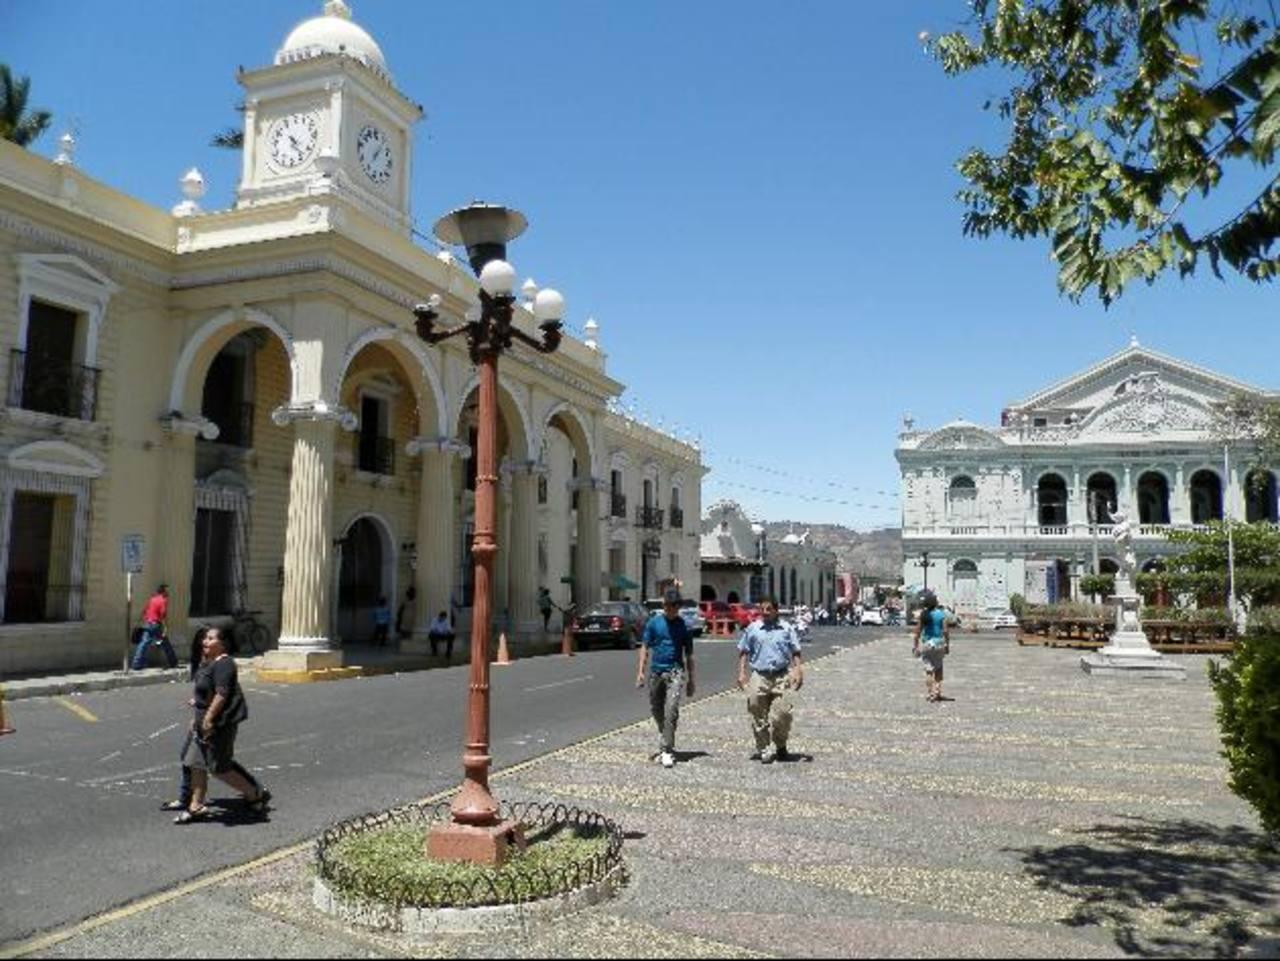 El centro histórico de la ciudad morena será el punto de referencia para monitorear hechos delictivos. Foto EDH / milton Jaco